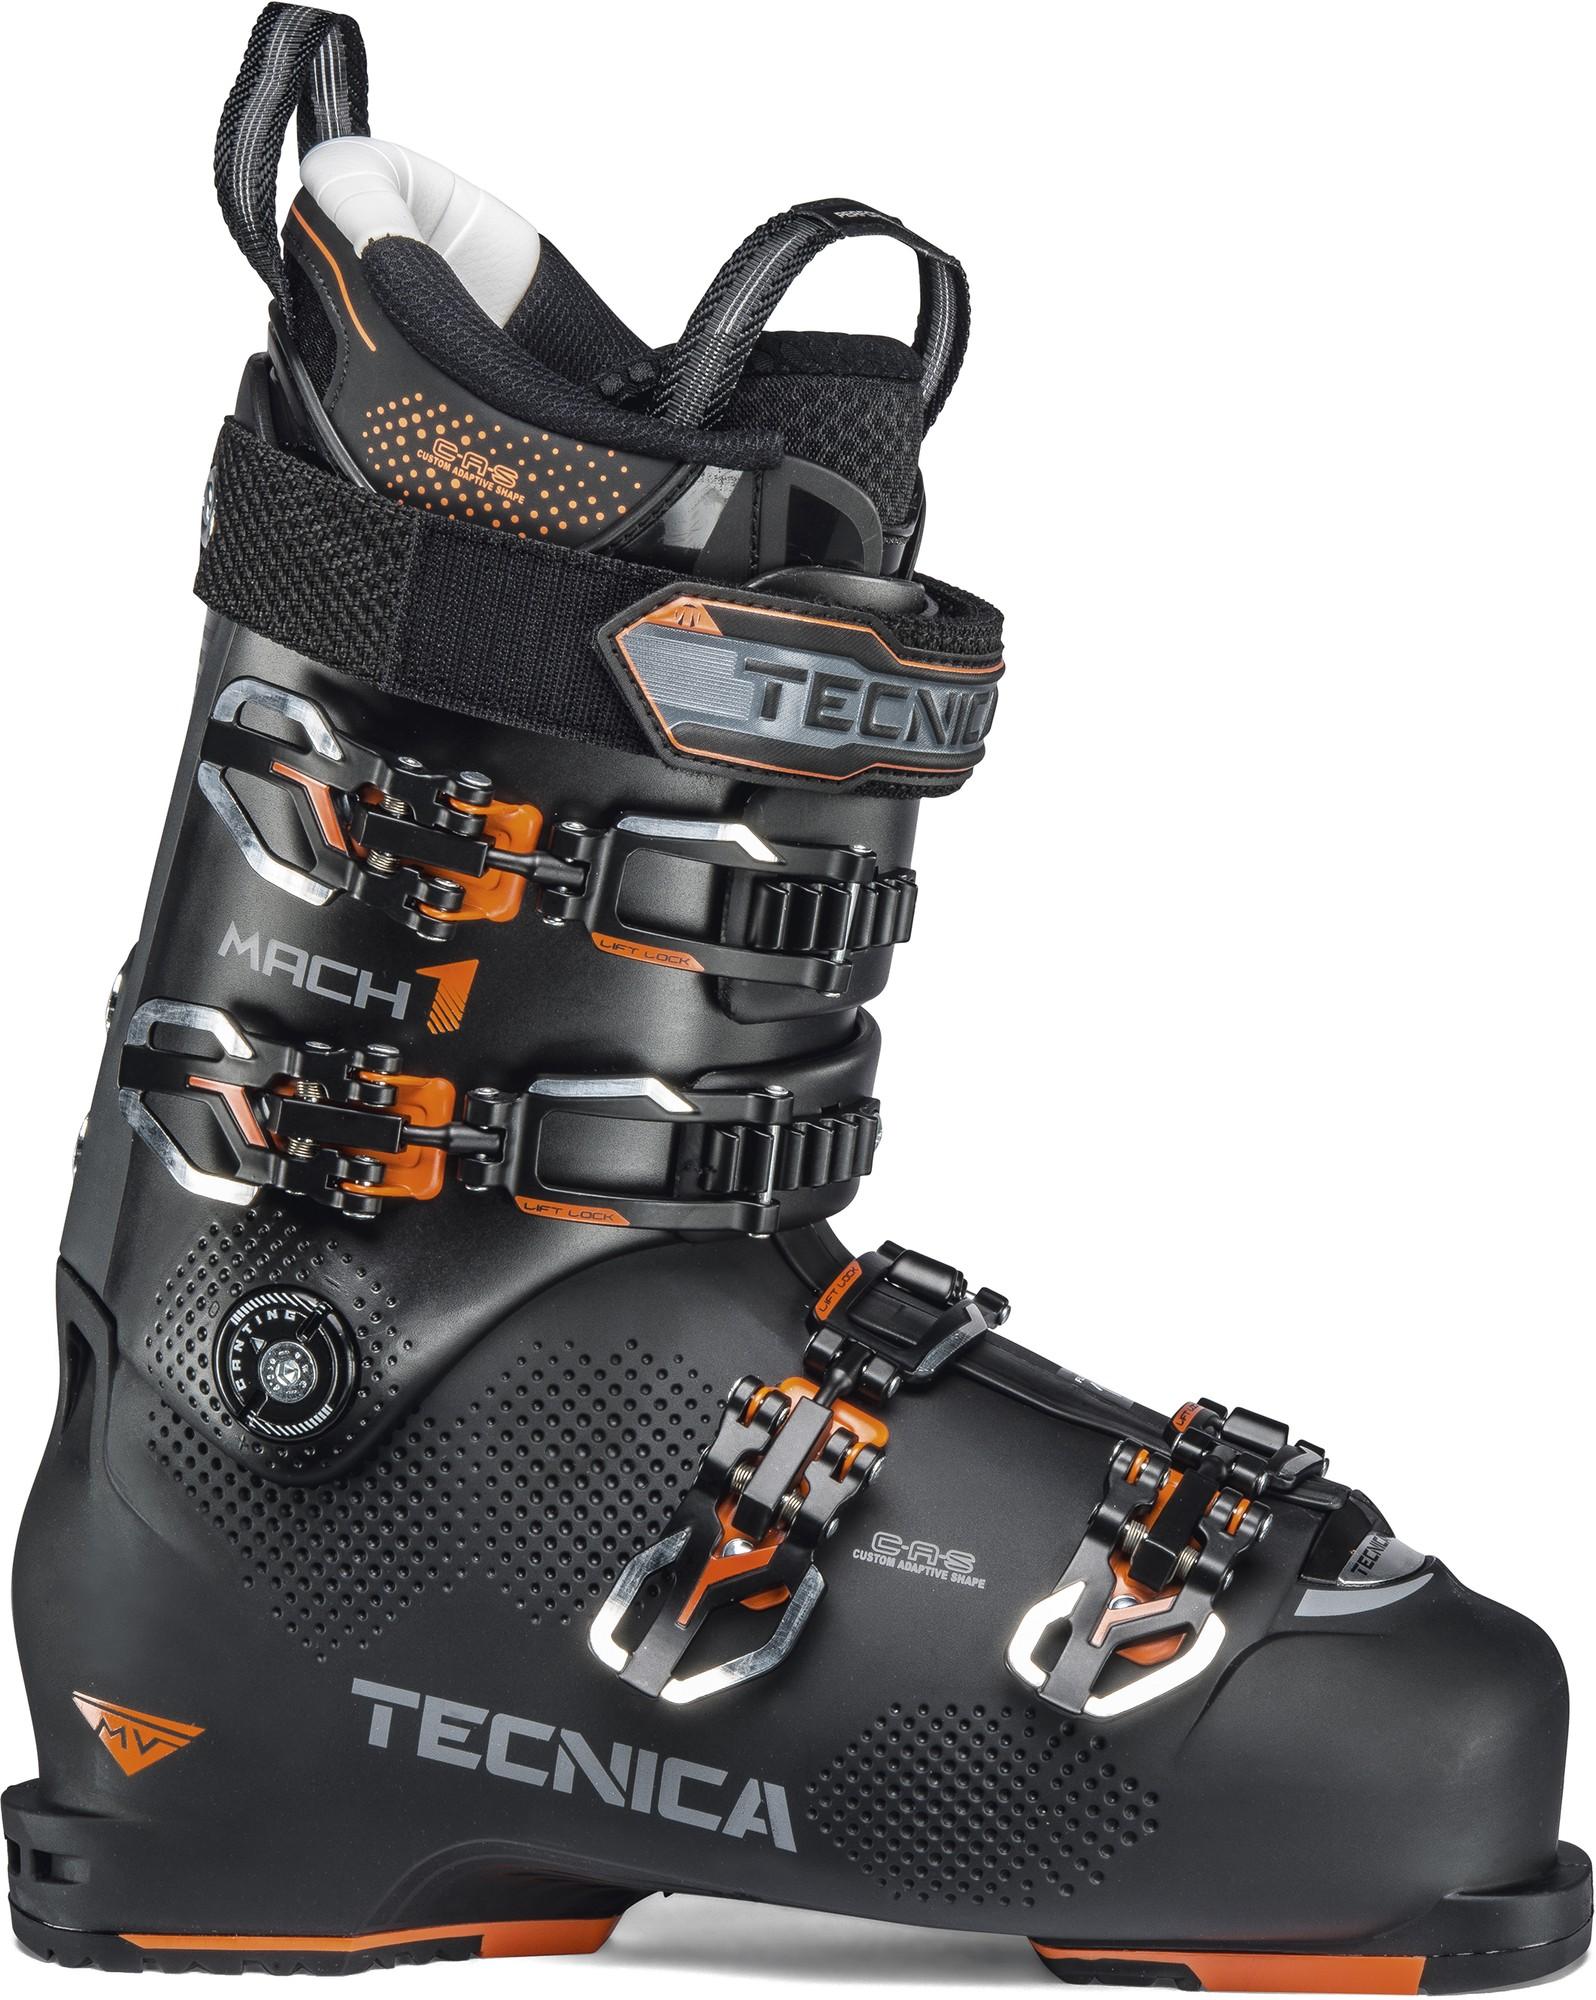 Tecnica Ботинки горнолыжные MACH1 MV 110, размер 30 см